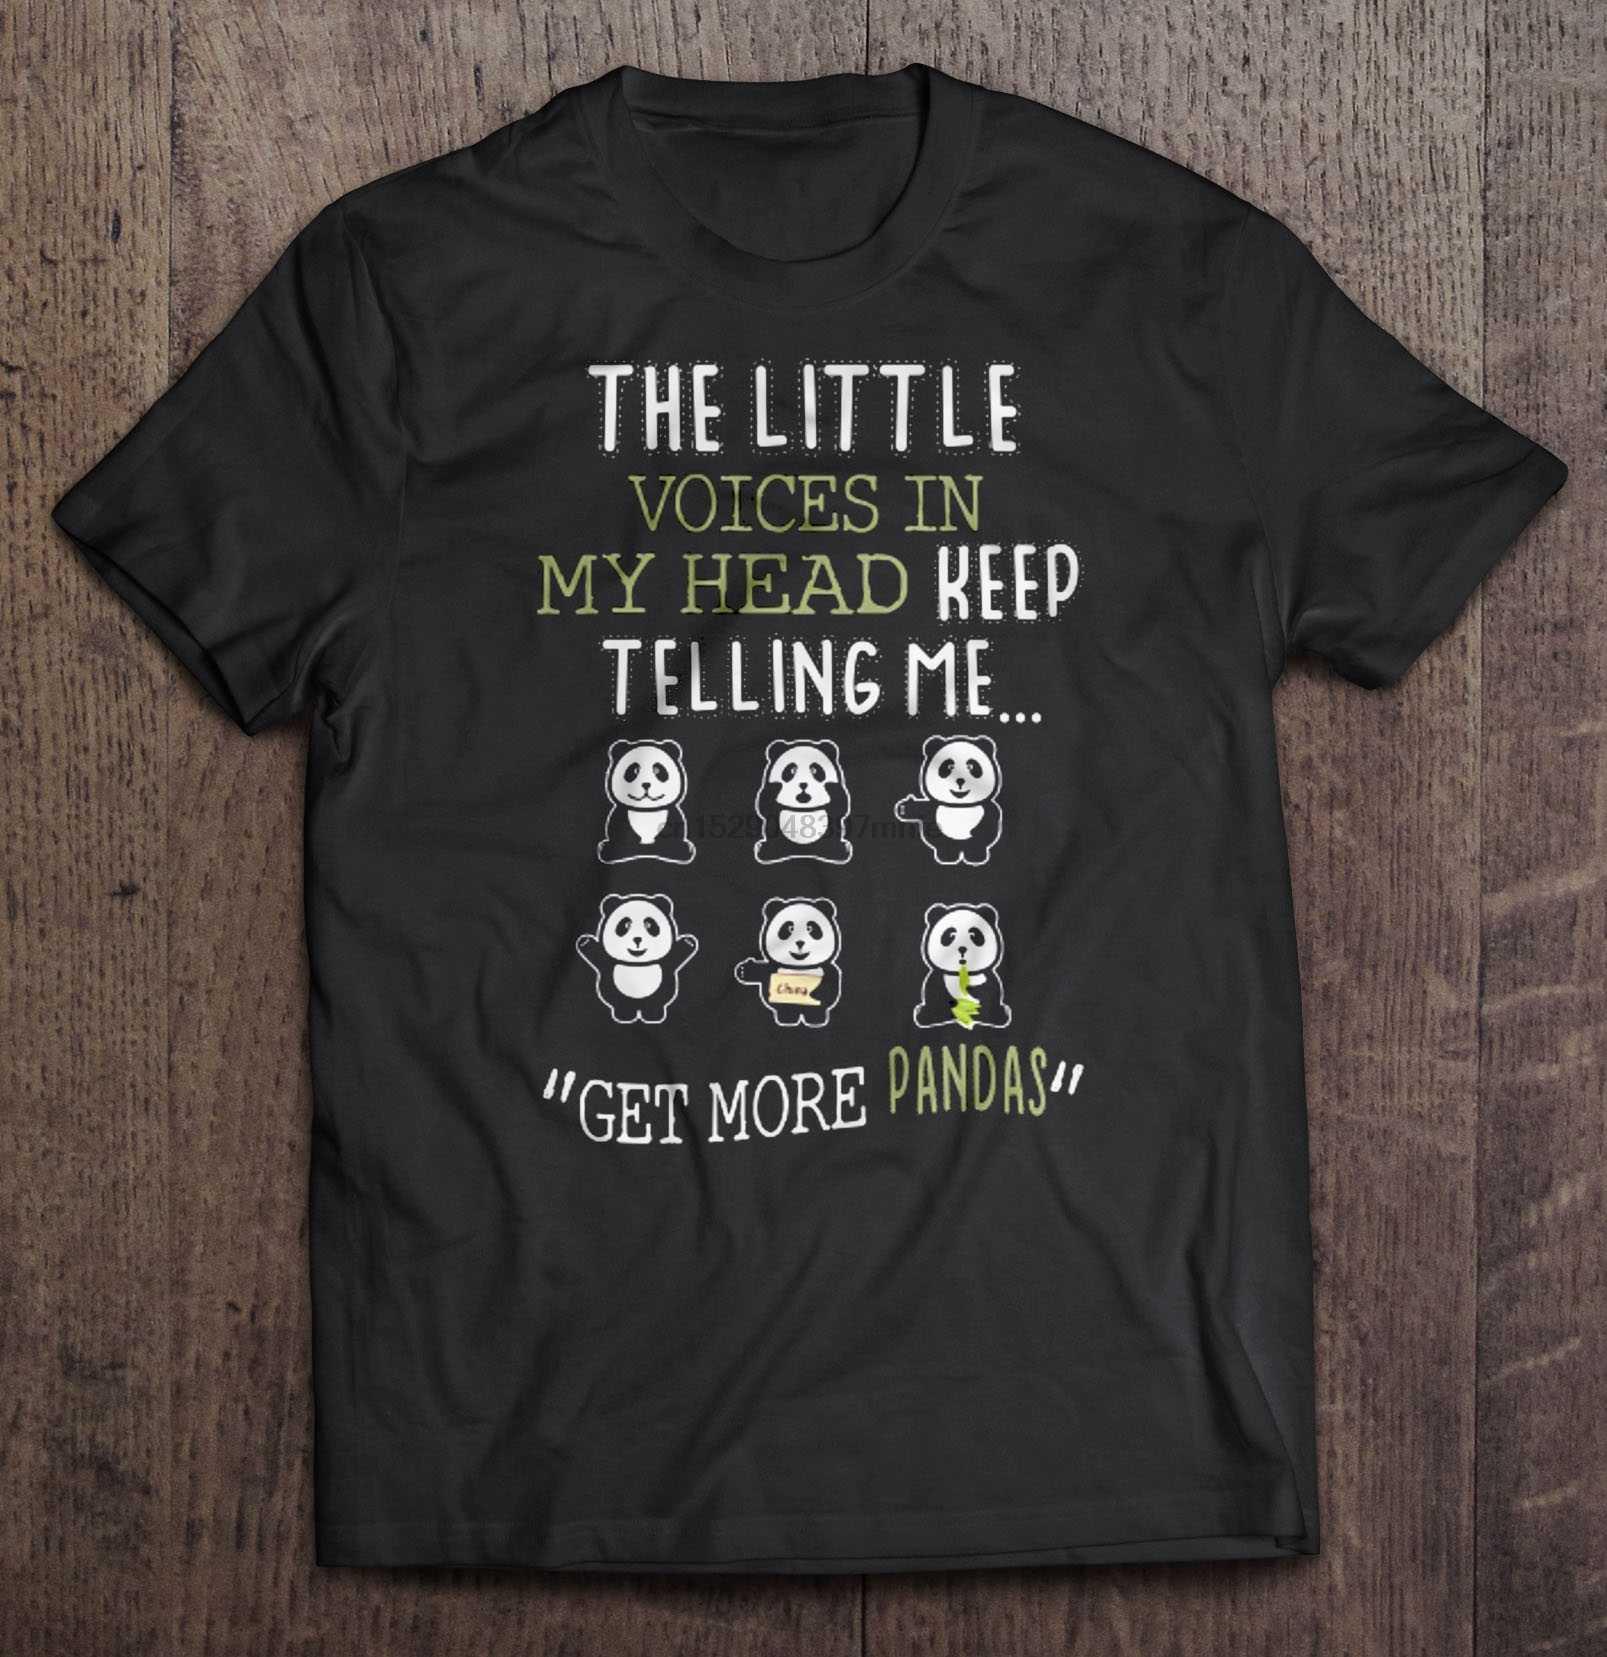 Мужская футболка маленькие голоса в моей голове постоянно твердят мне получить